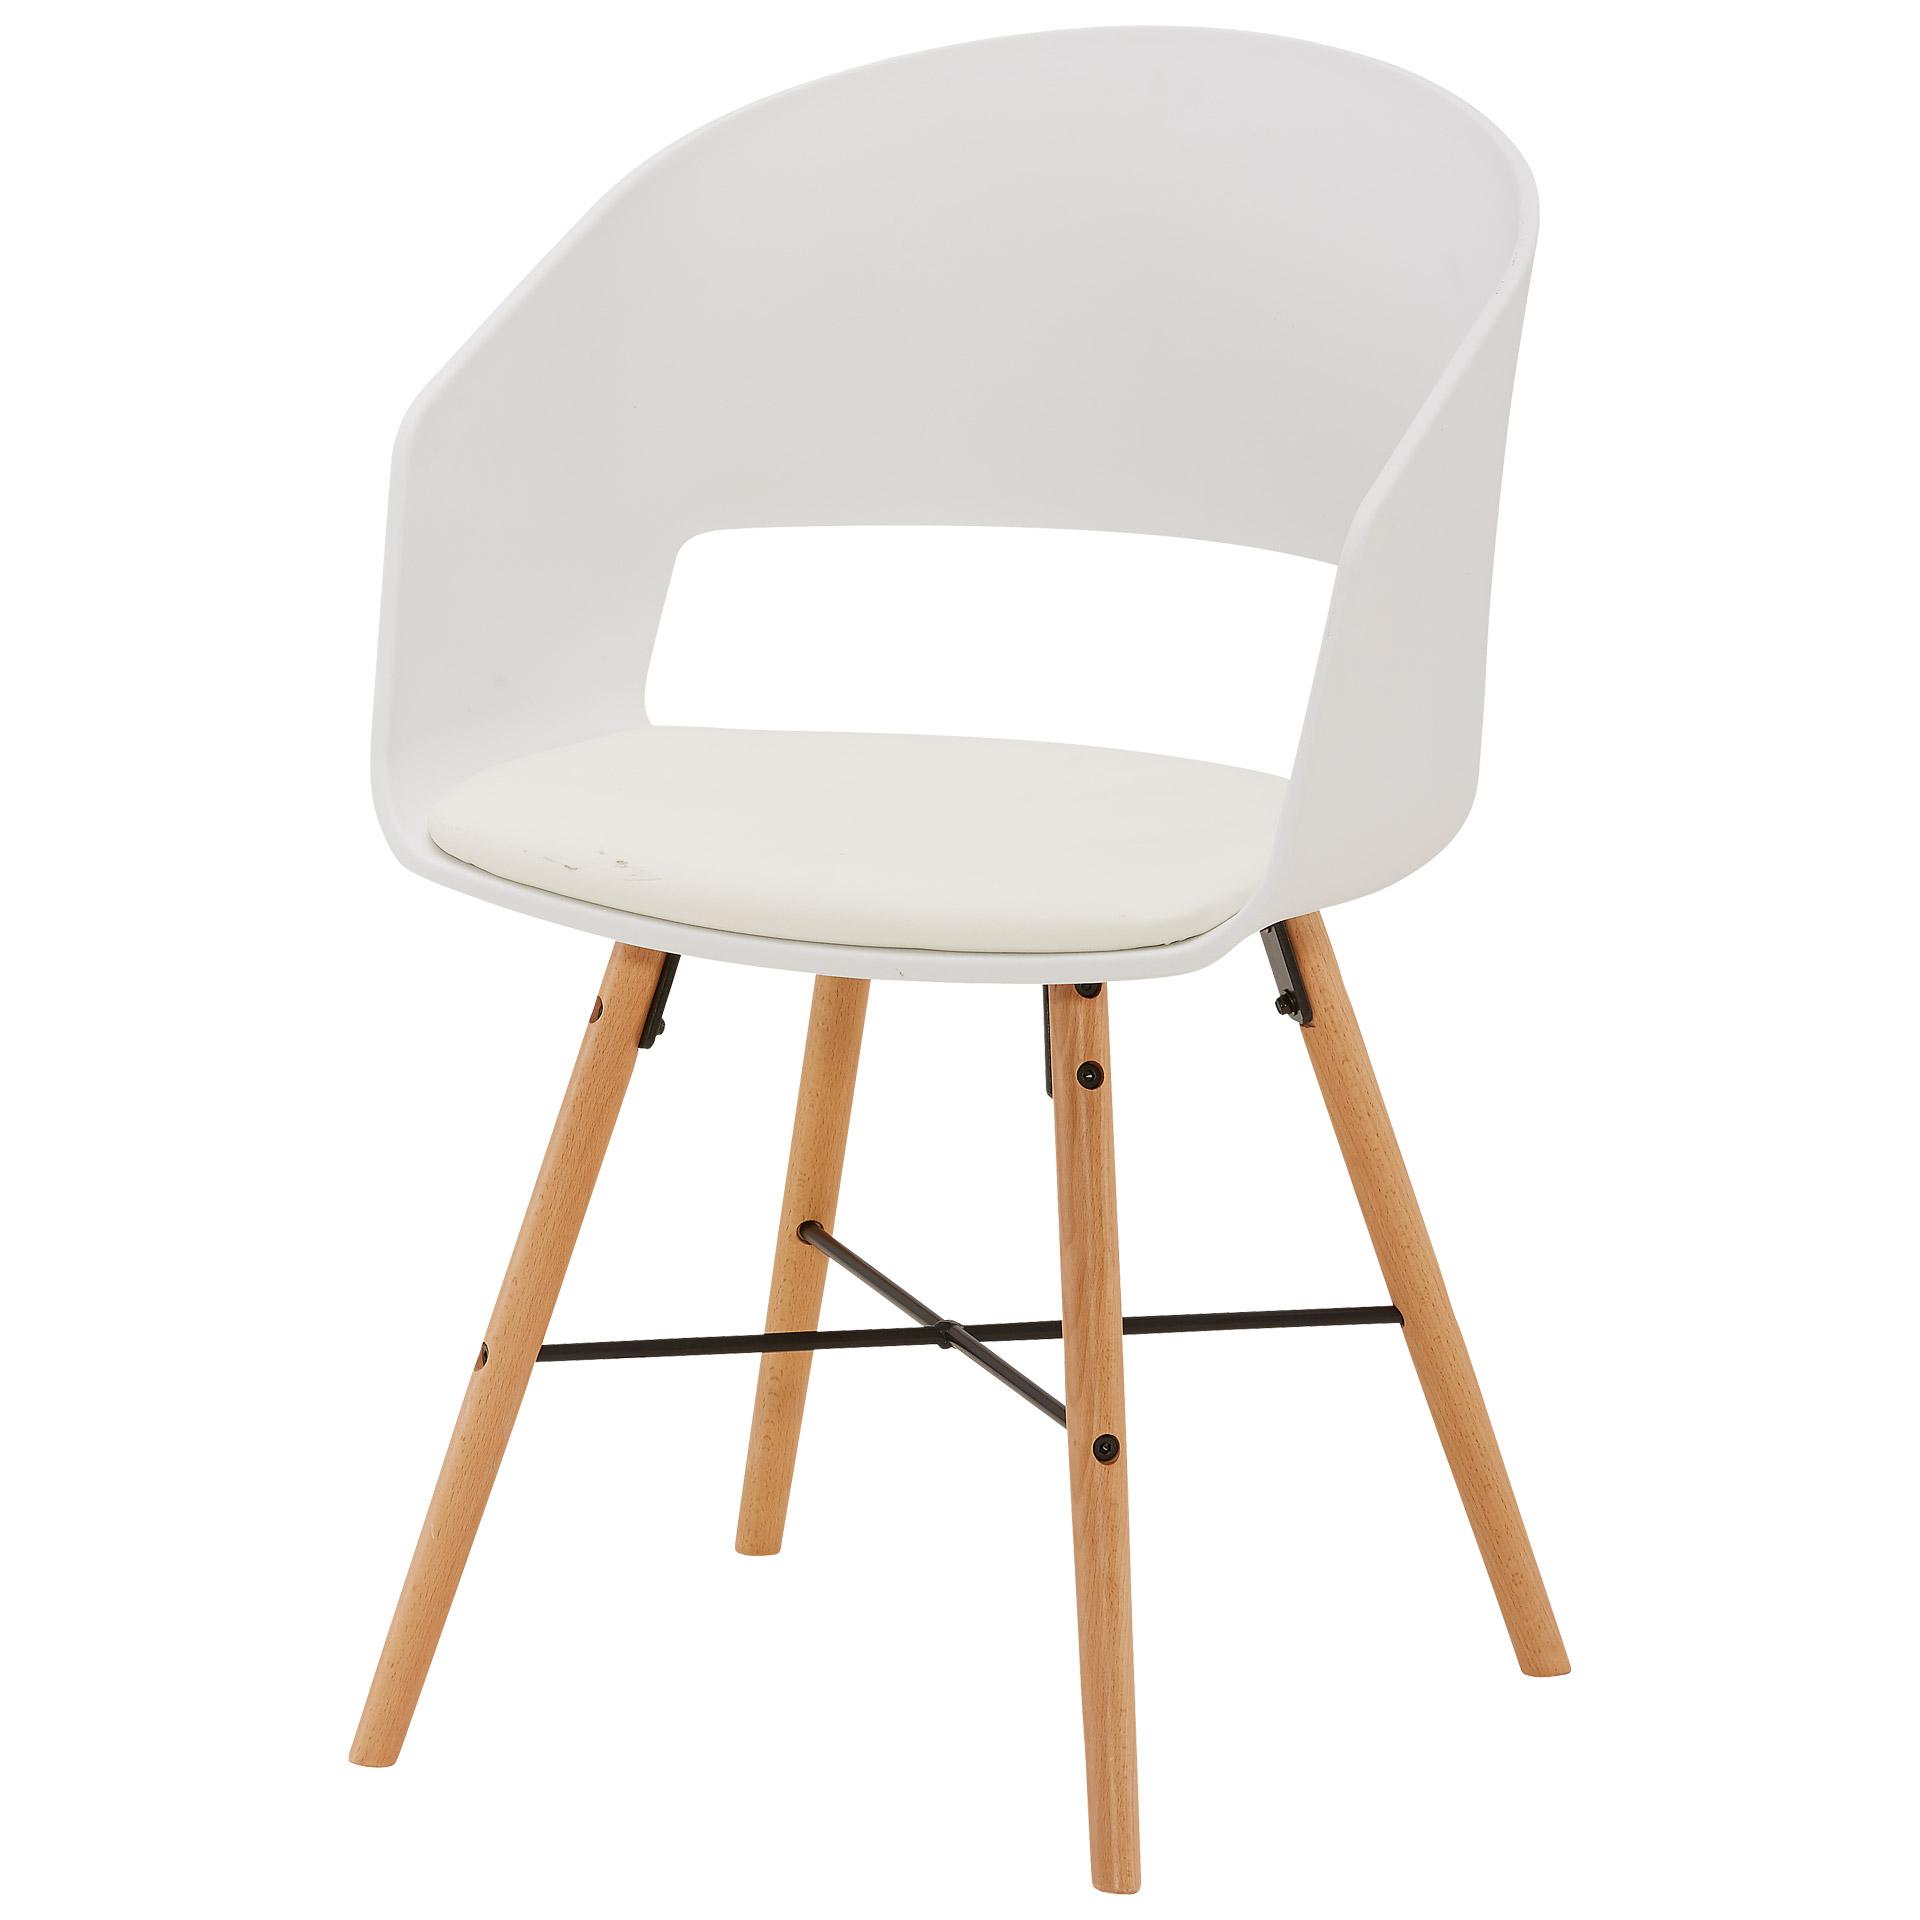 Schalenstuhl Suldrup (Sitzkissen, weiß)